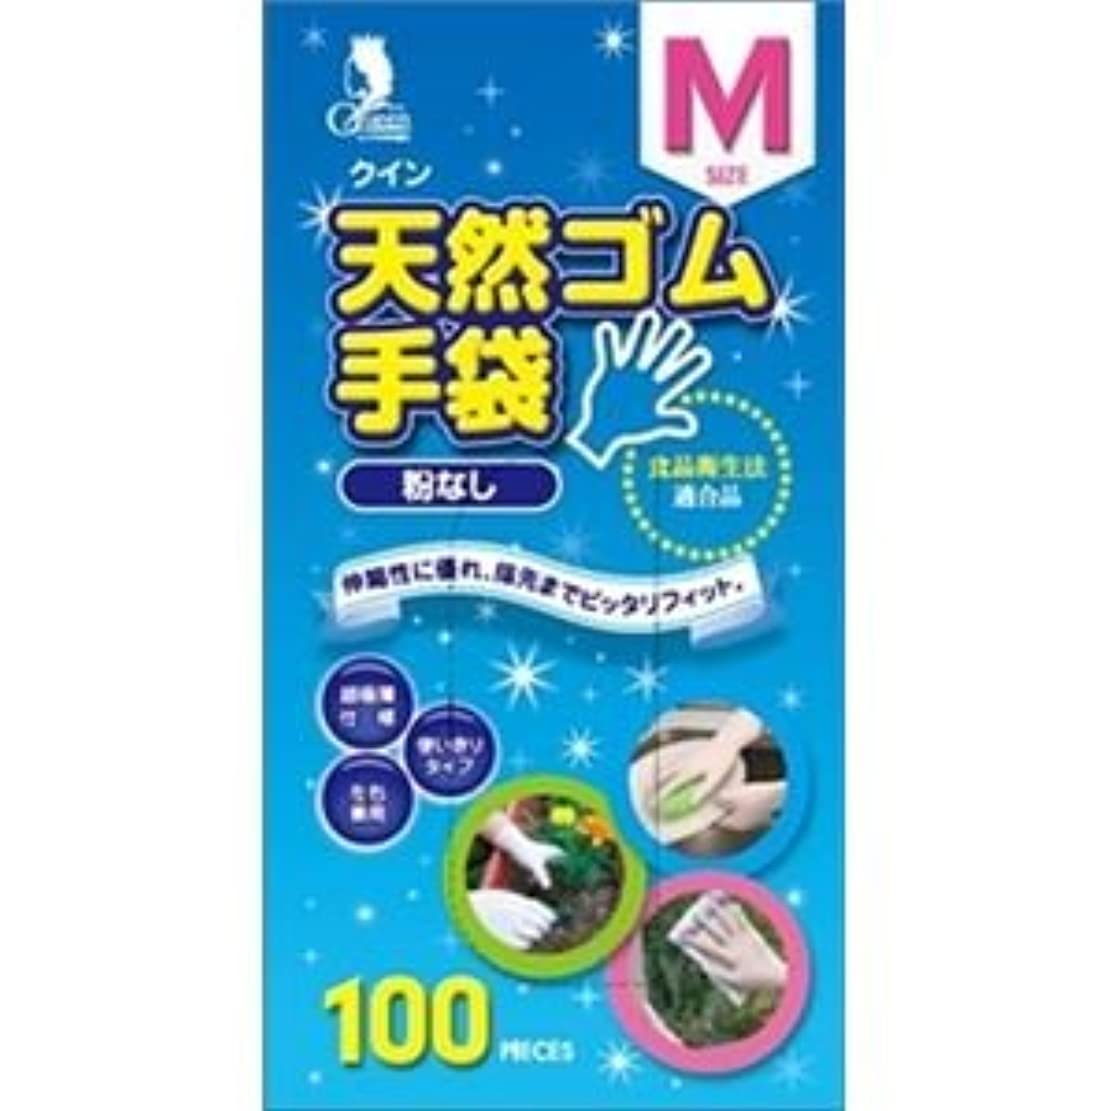 ブロンズはちみつ伝統的(まとめ)宇都宮製作 クイン天然ゴム手袋 M 100枚入 (N) 【×3点セット】